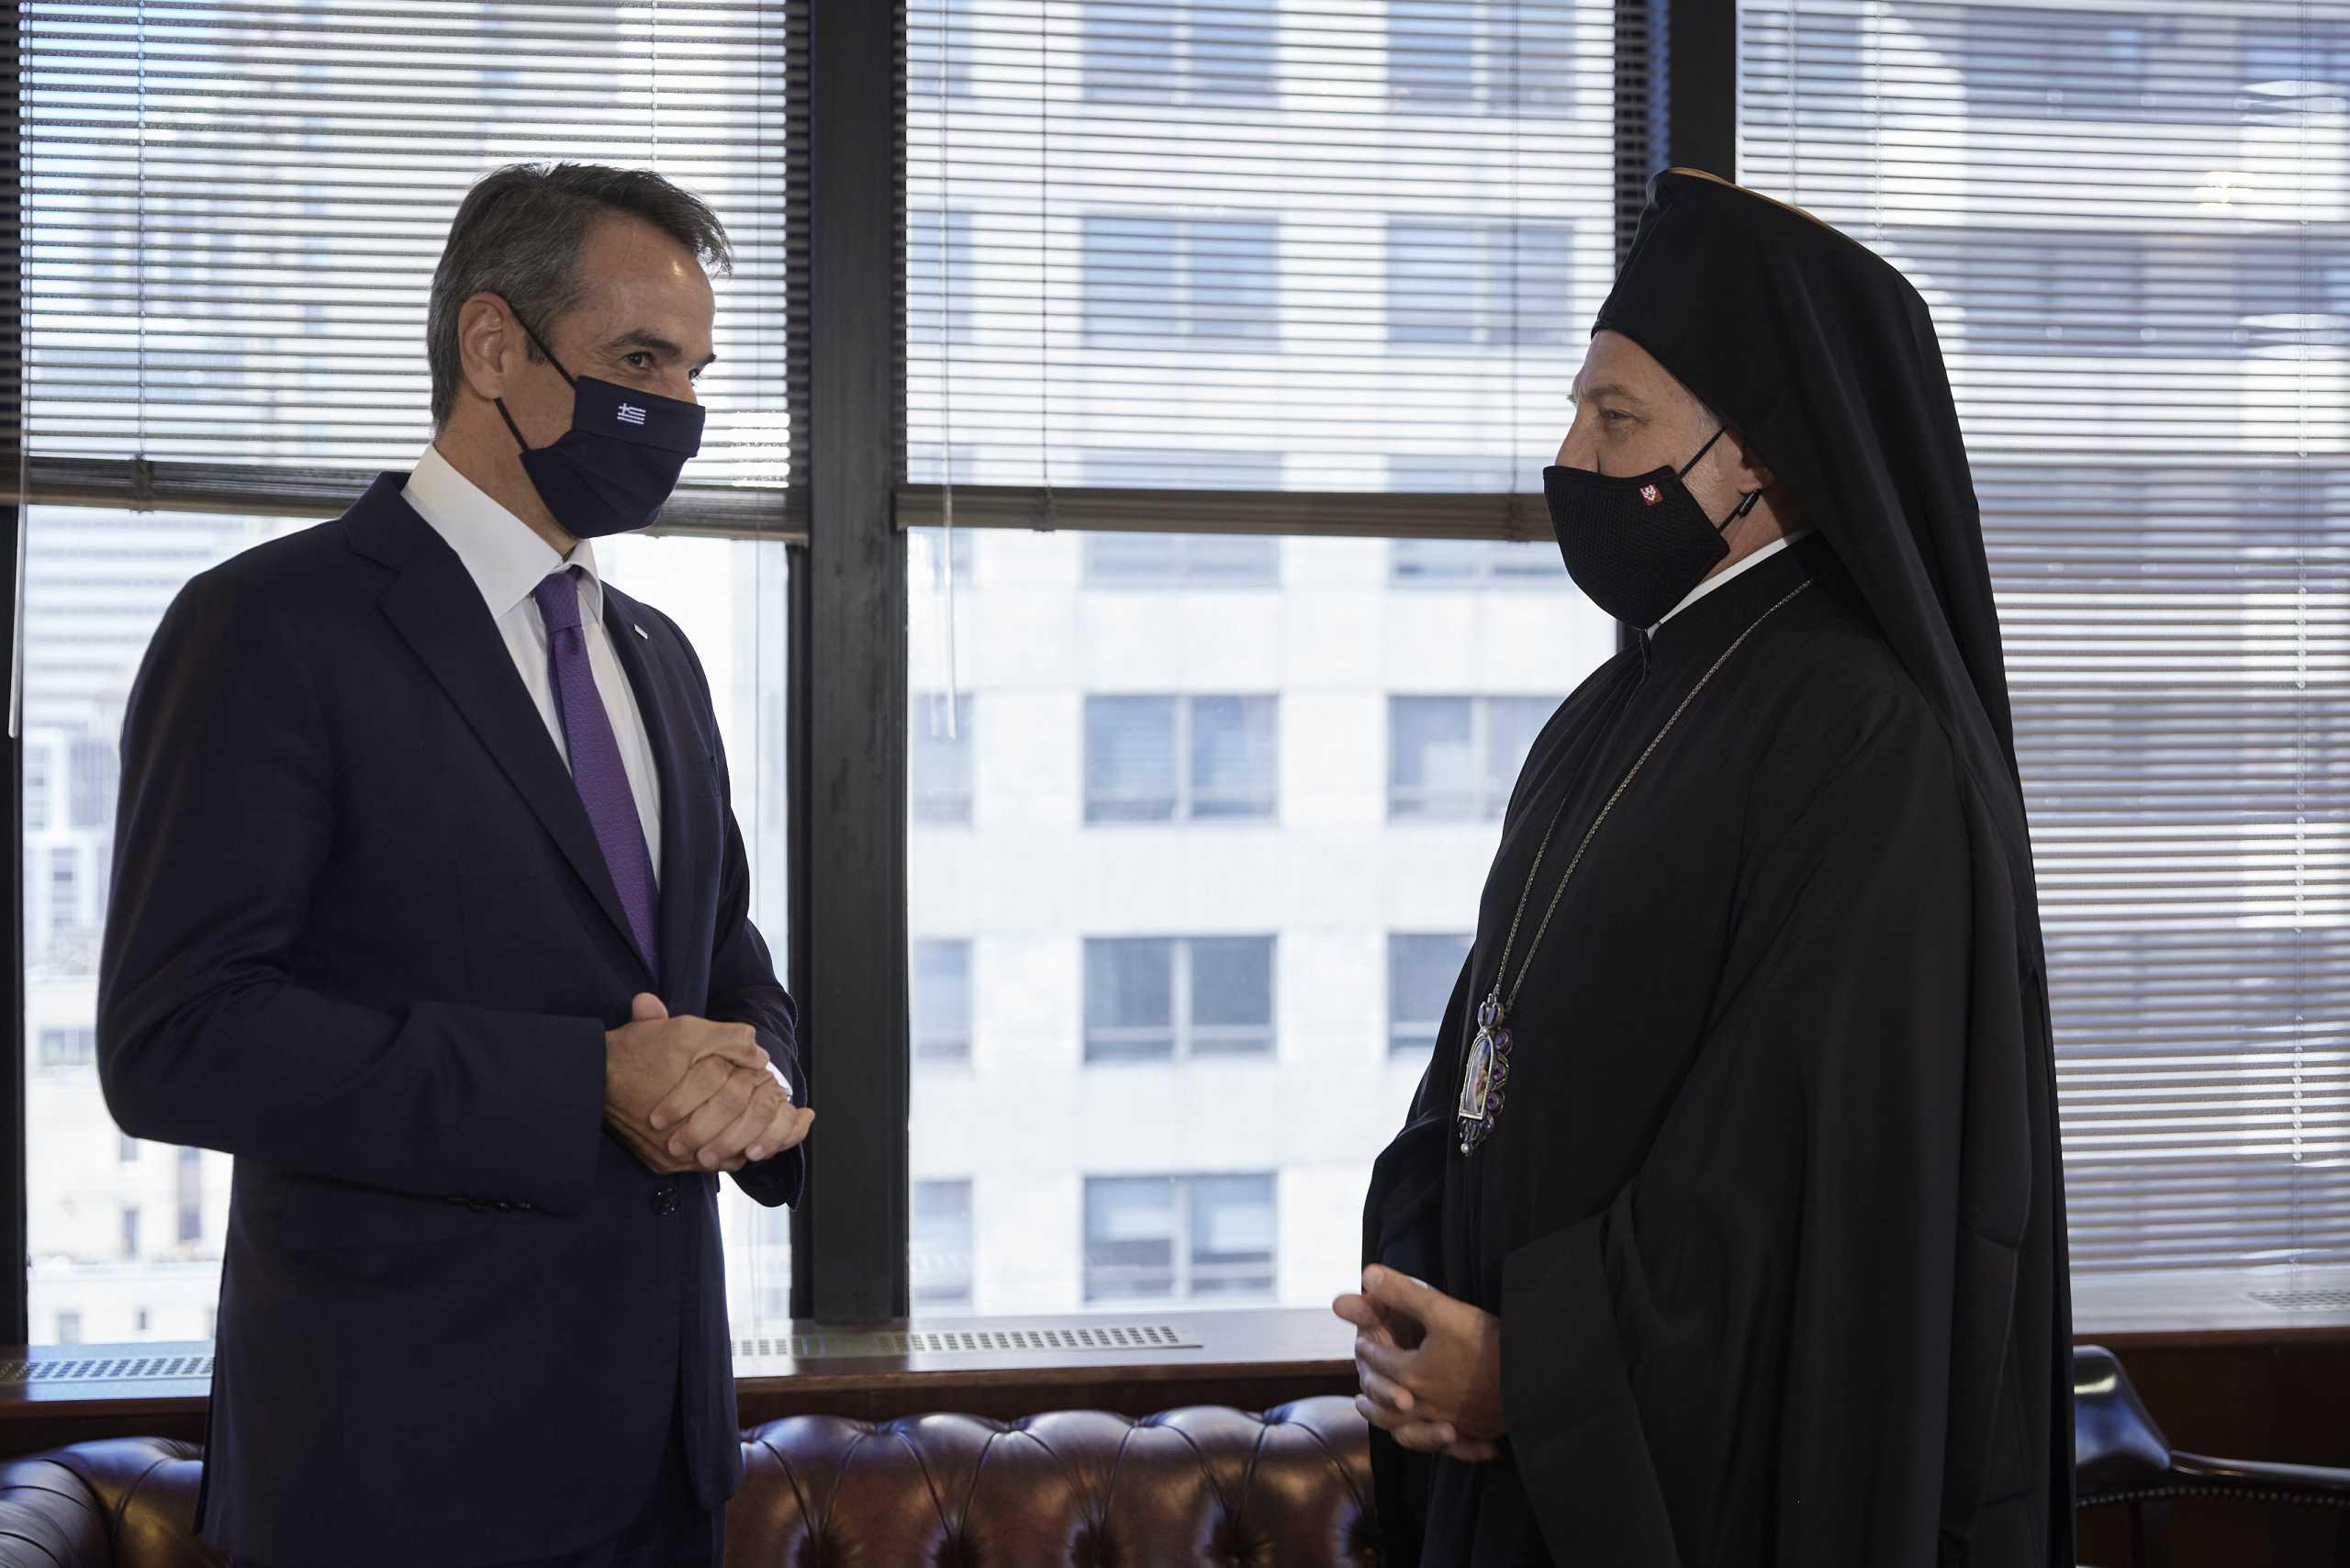 Κυριάκος Μητσοτάκης – Αρχιεπίσκοπος Αμερικής Ελπιδοφόρος: Η συνάντηση στη Νέα Υόρκη